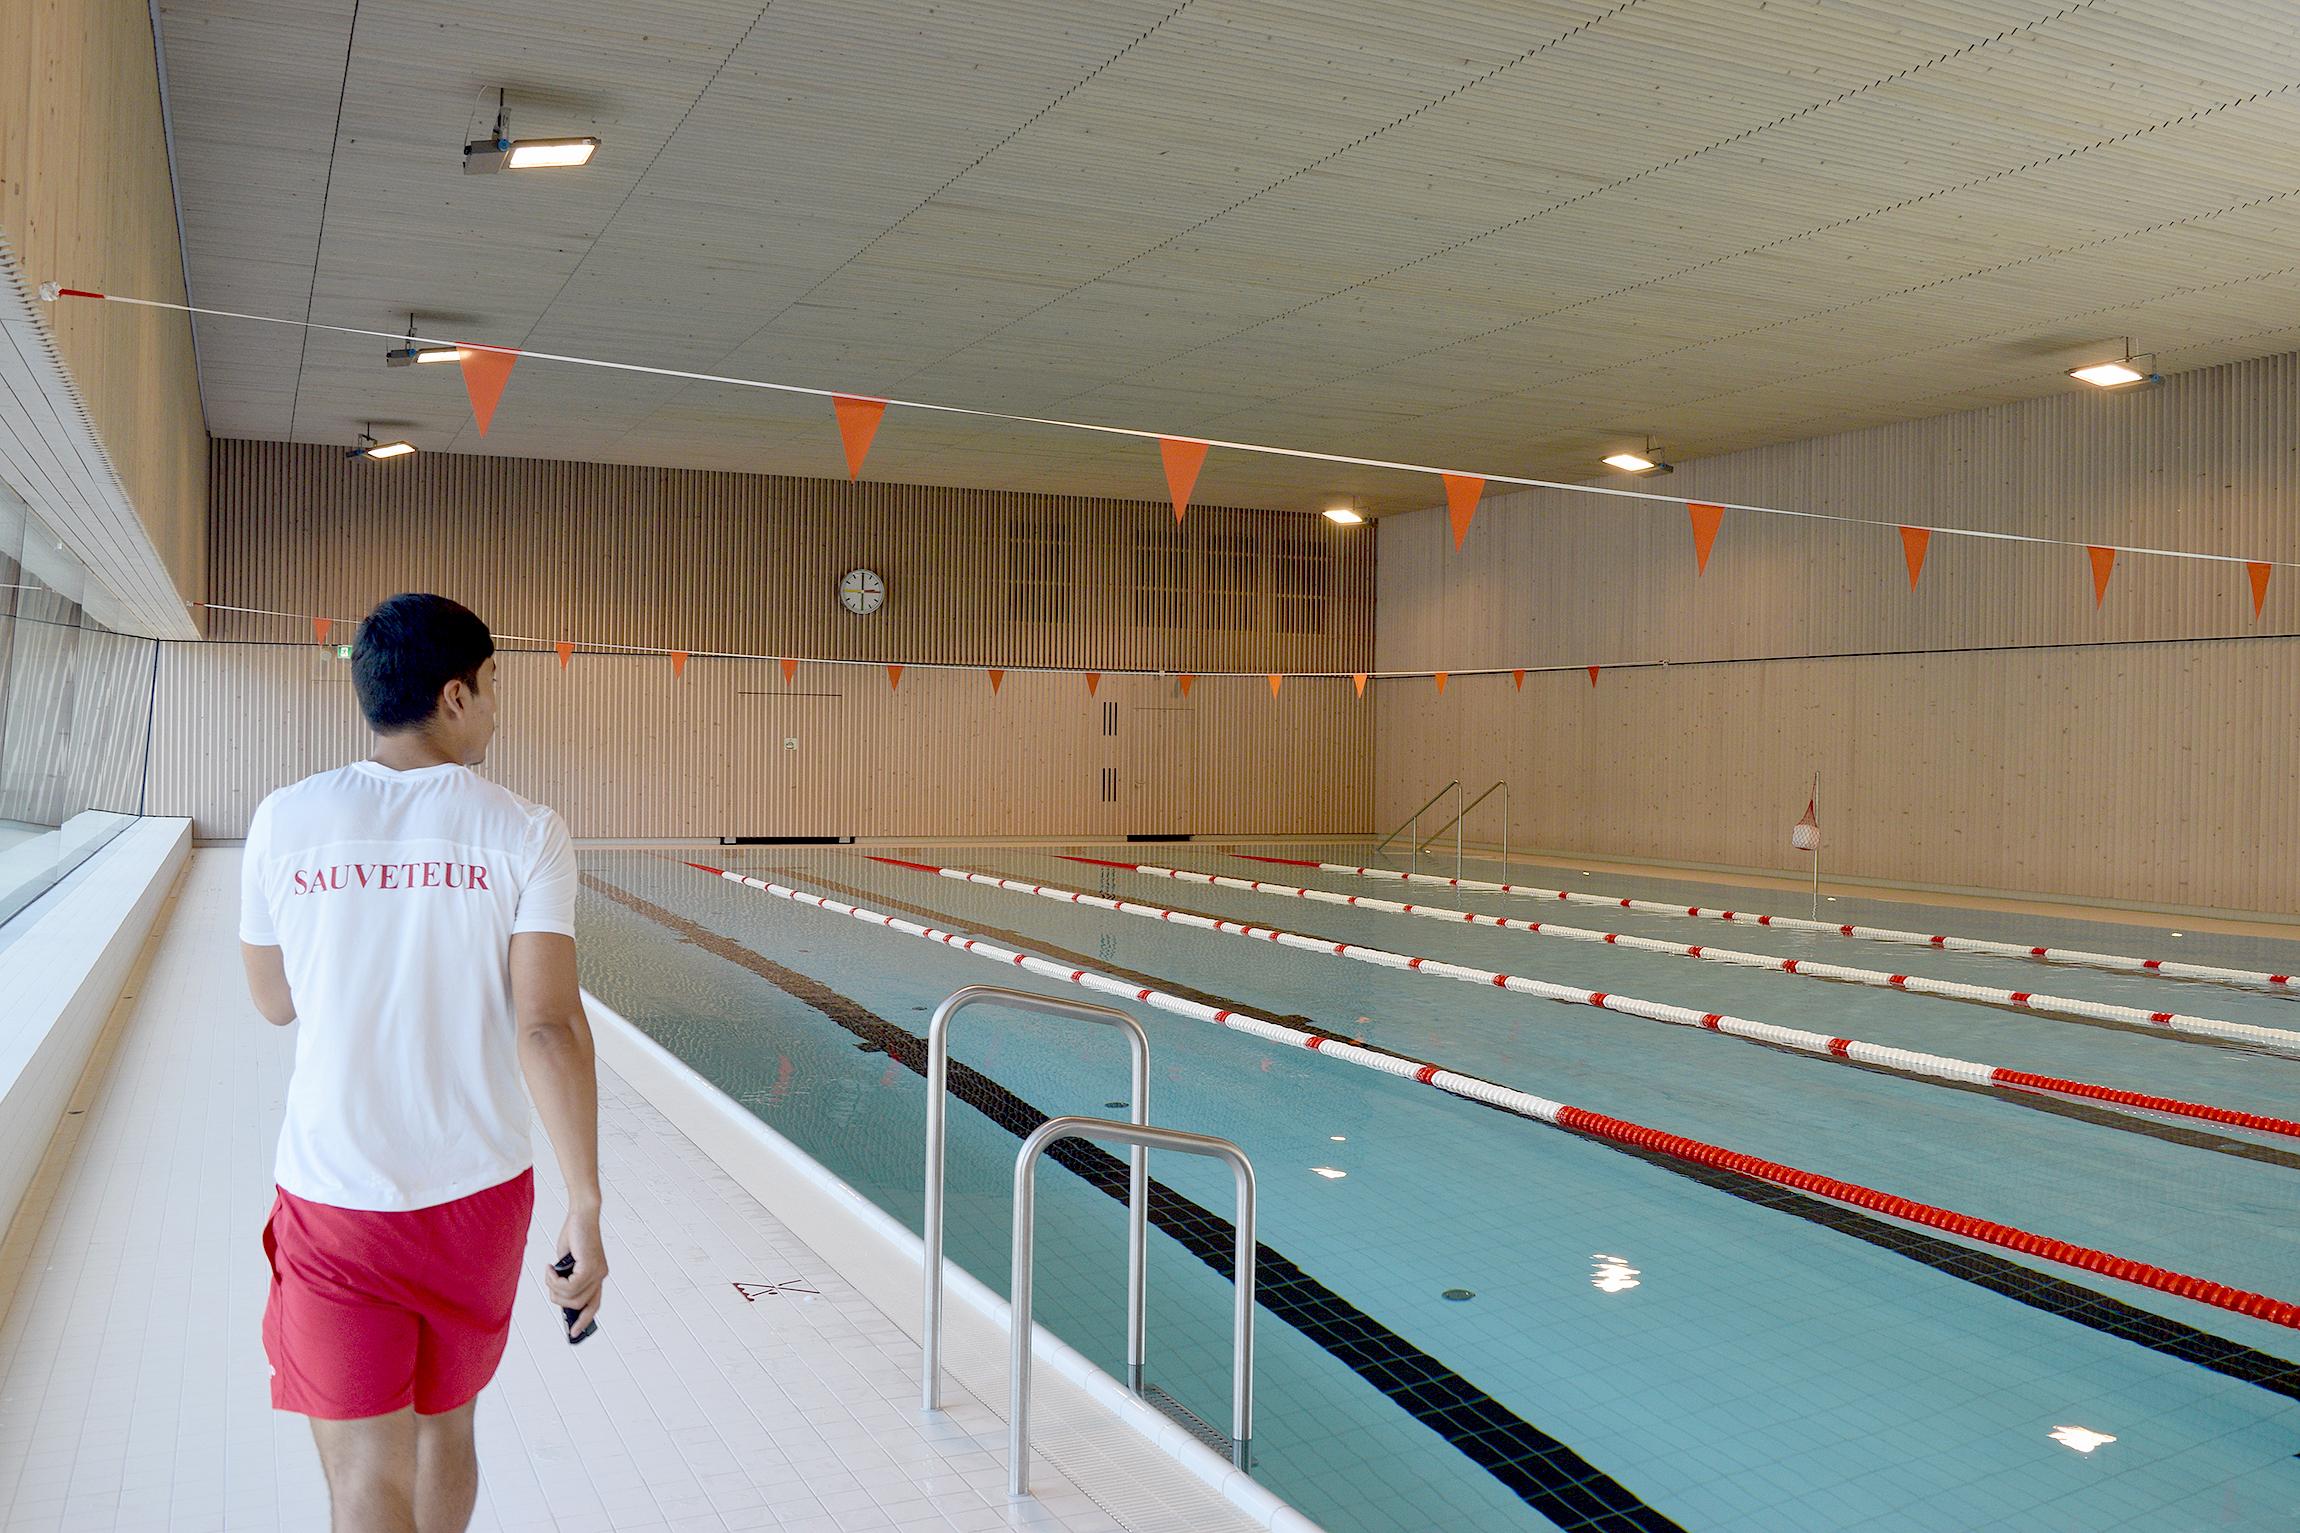 Une piscine flambant neuve à remplir